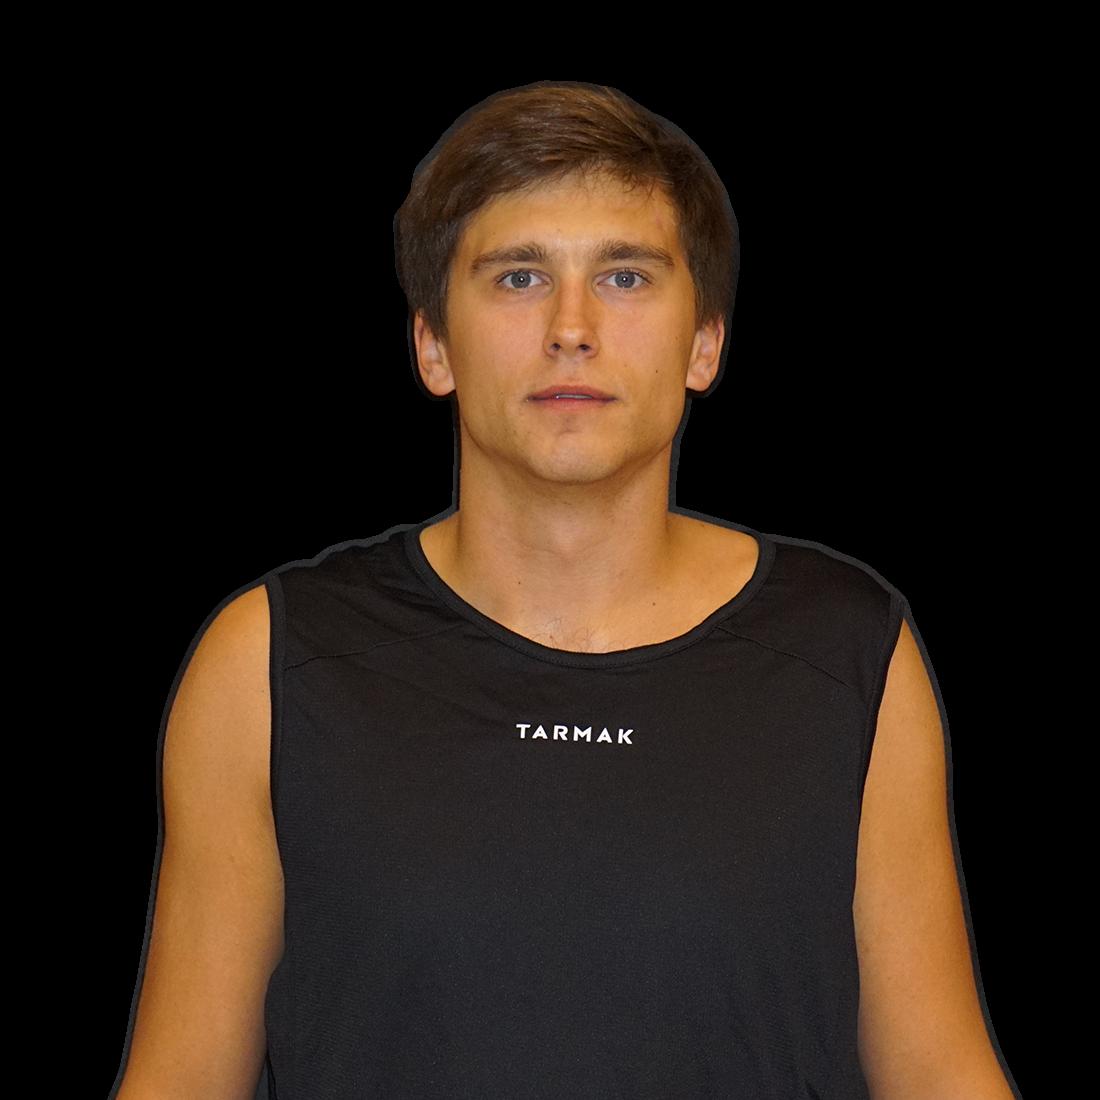 Jarek Grzechowiak